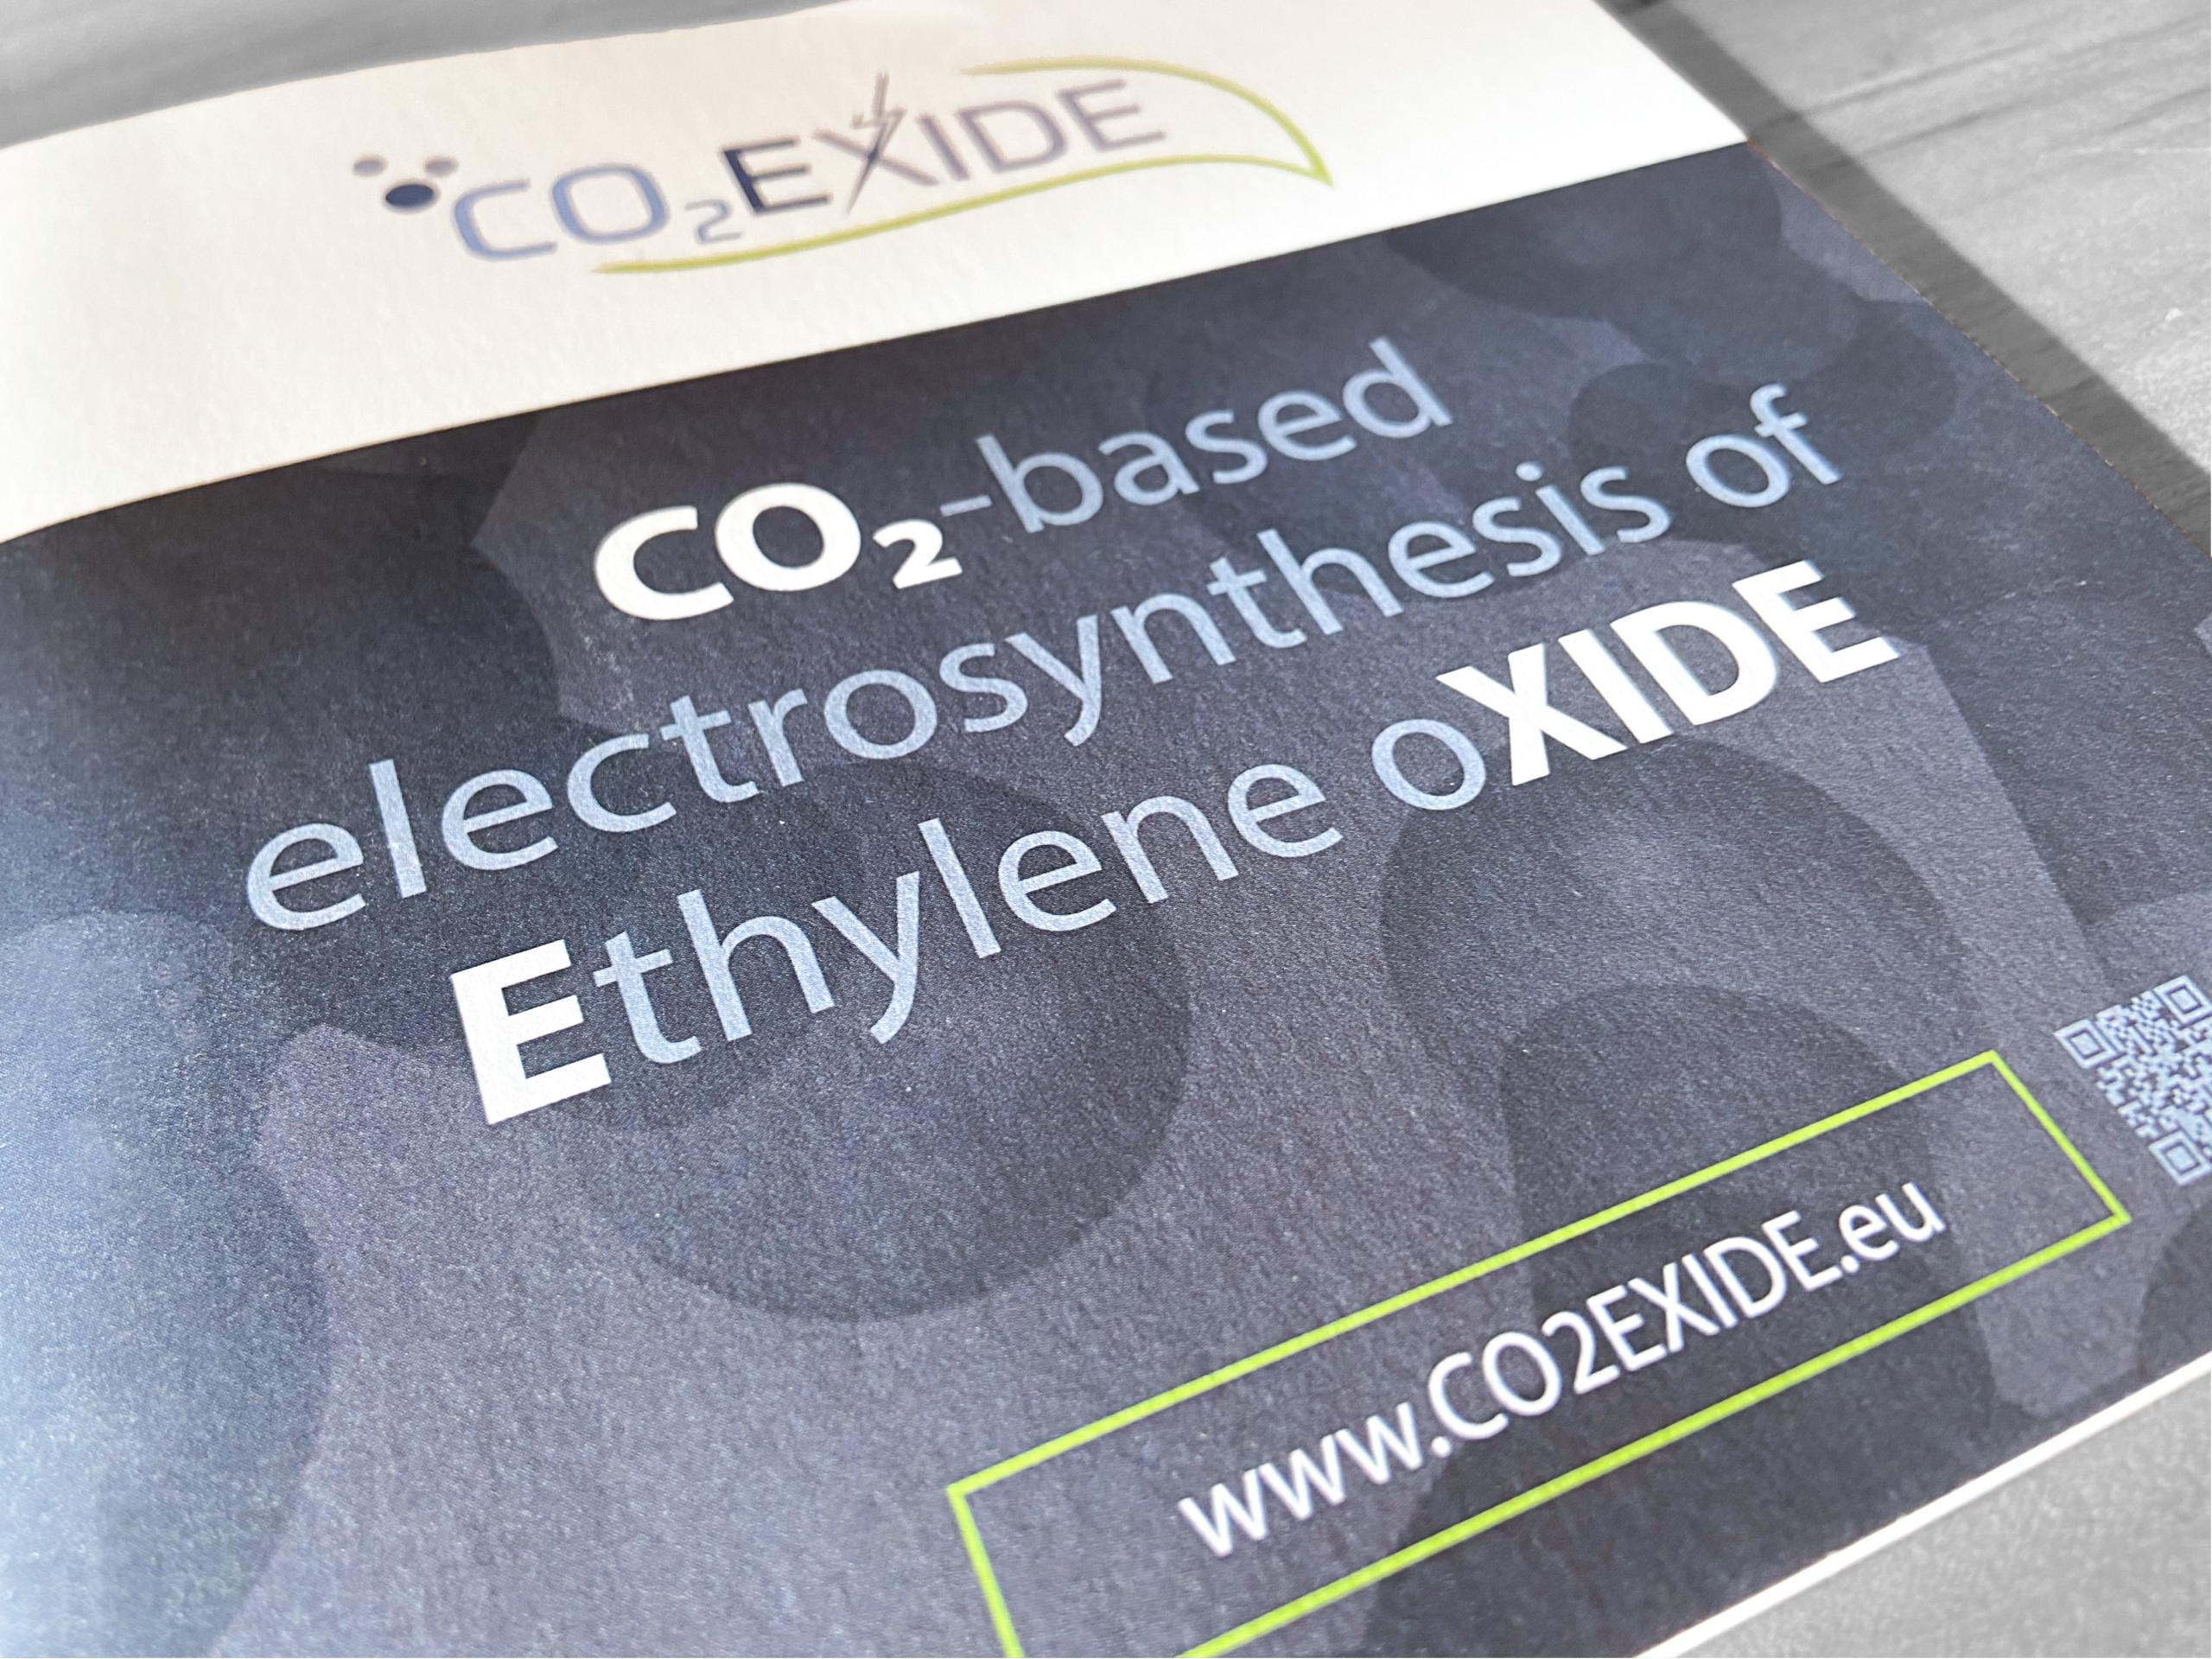 CO2Exide Broschüre - Cover